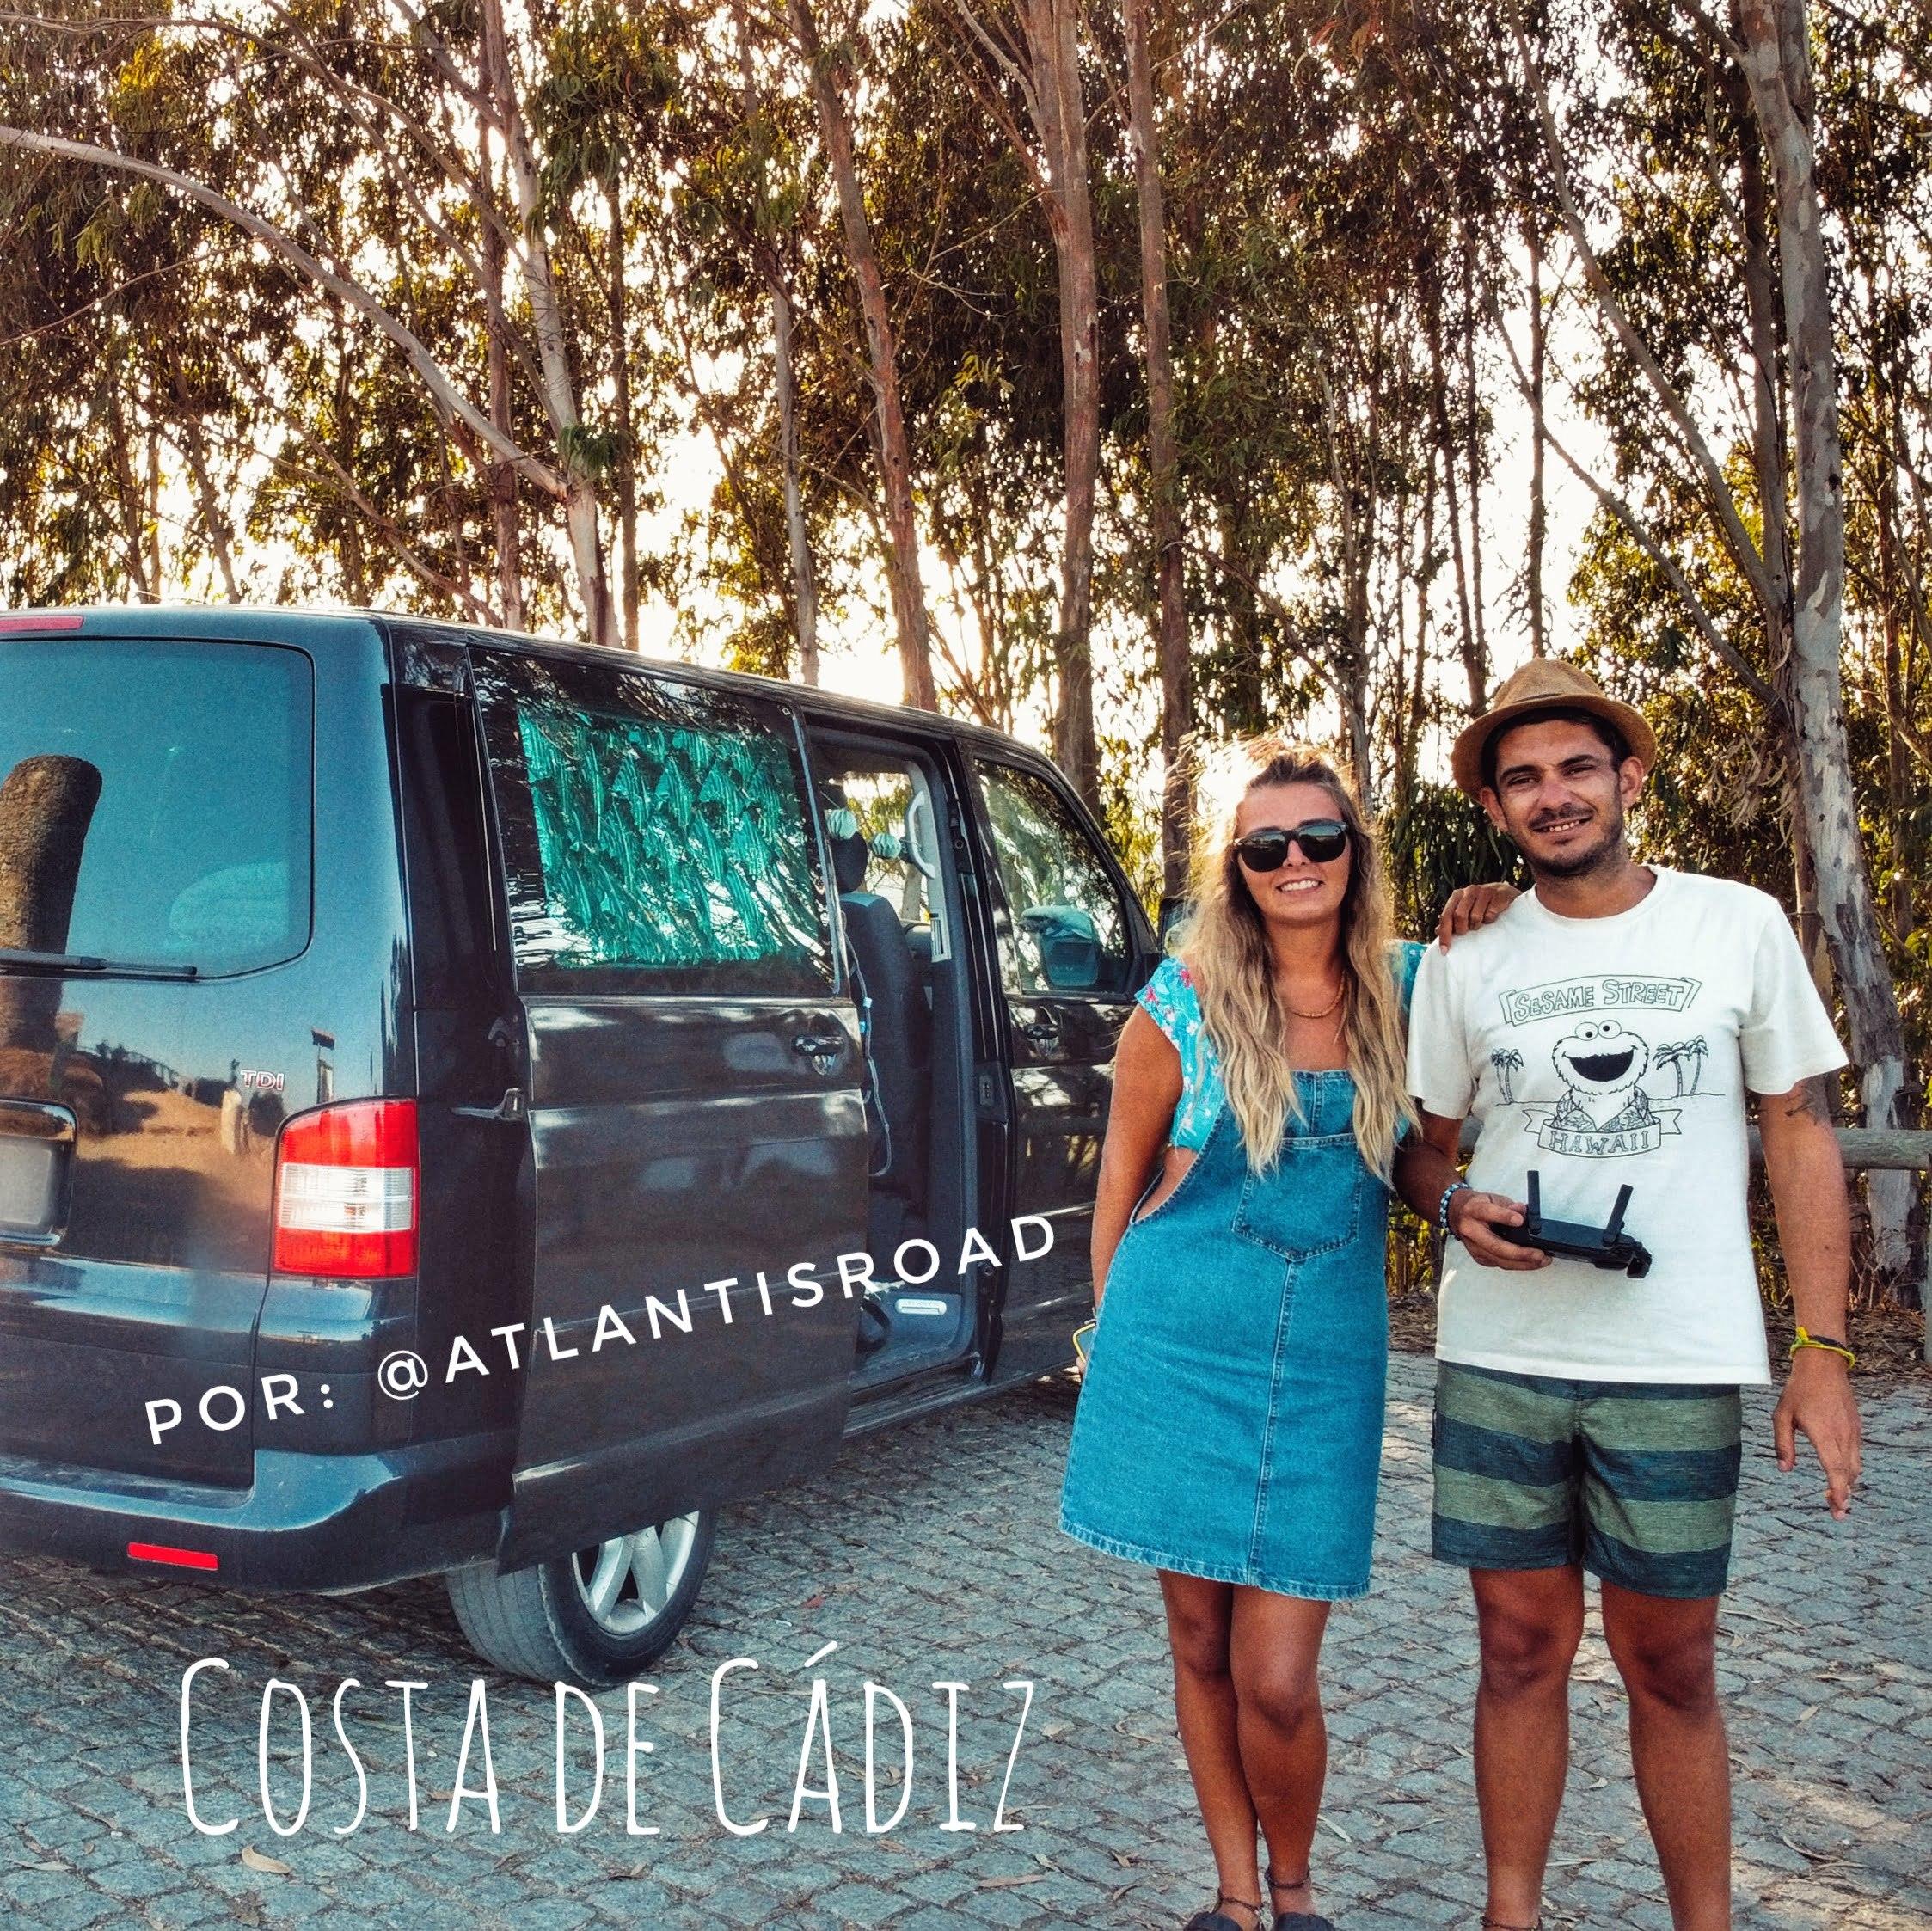 Itinerario lungo la costa di Cadice in camper di @atlantisroad